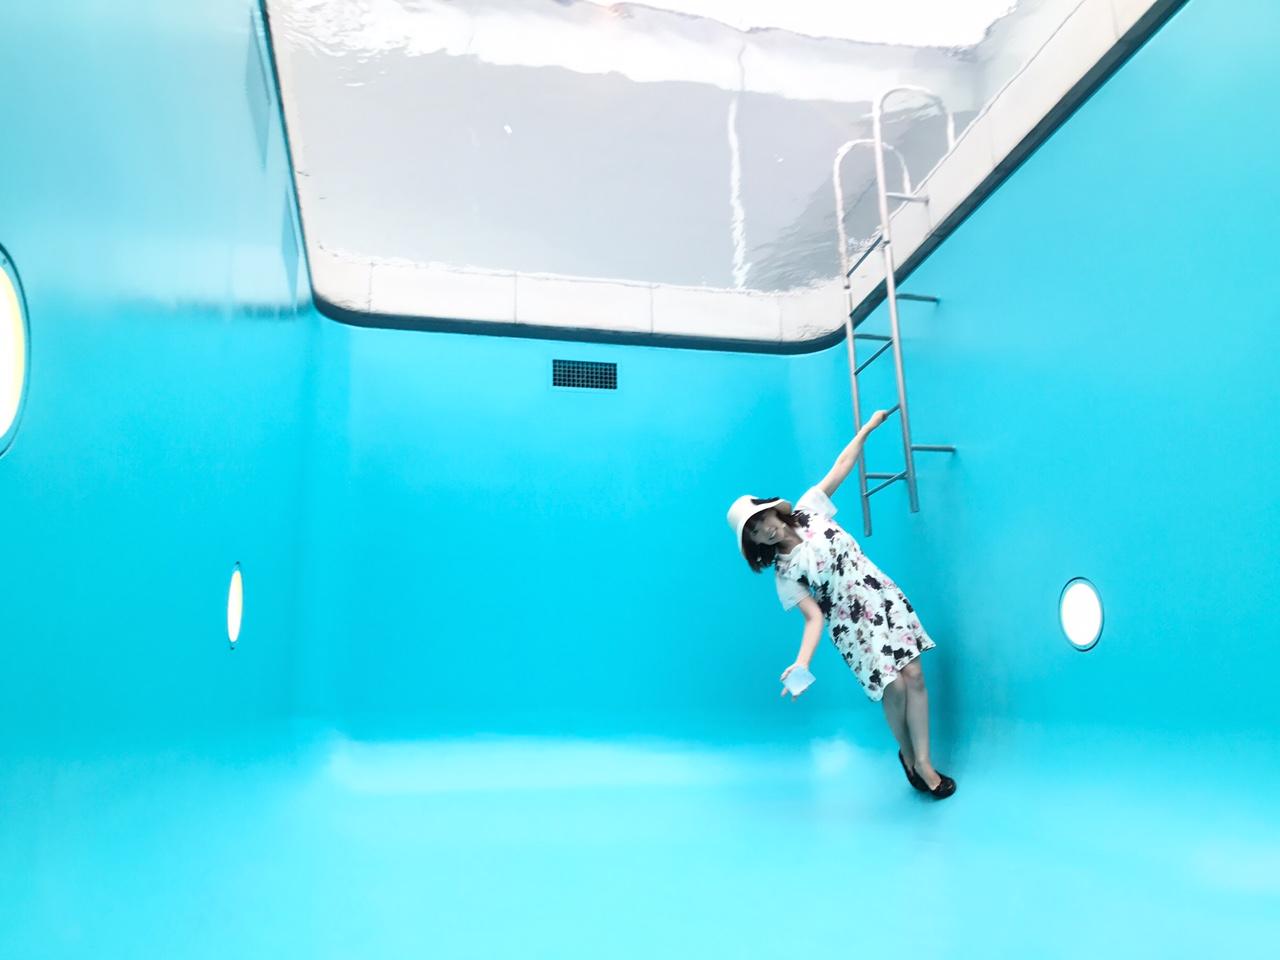 金沢旅行 続編!!21世紀美術館と有名な寿司&フレンチランチ♪